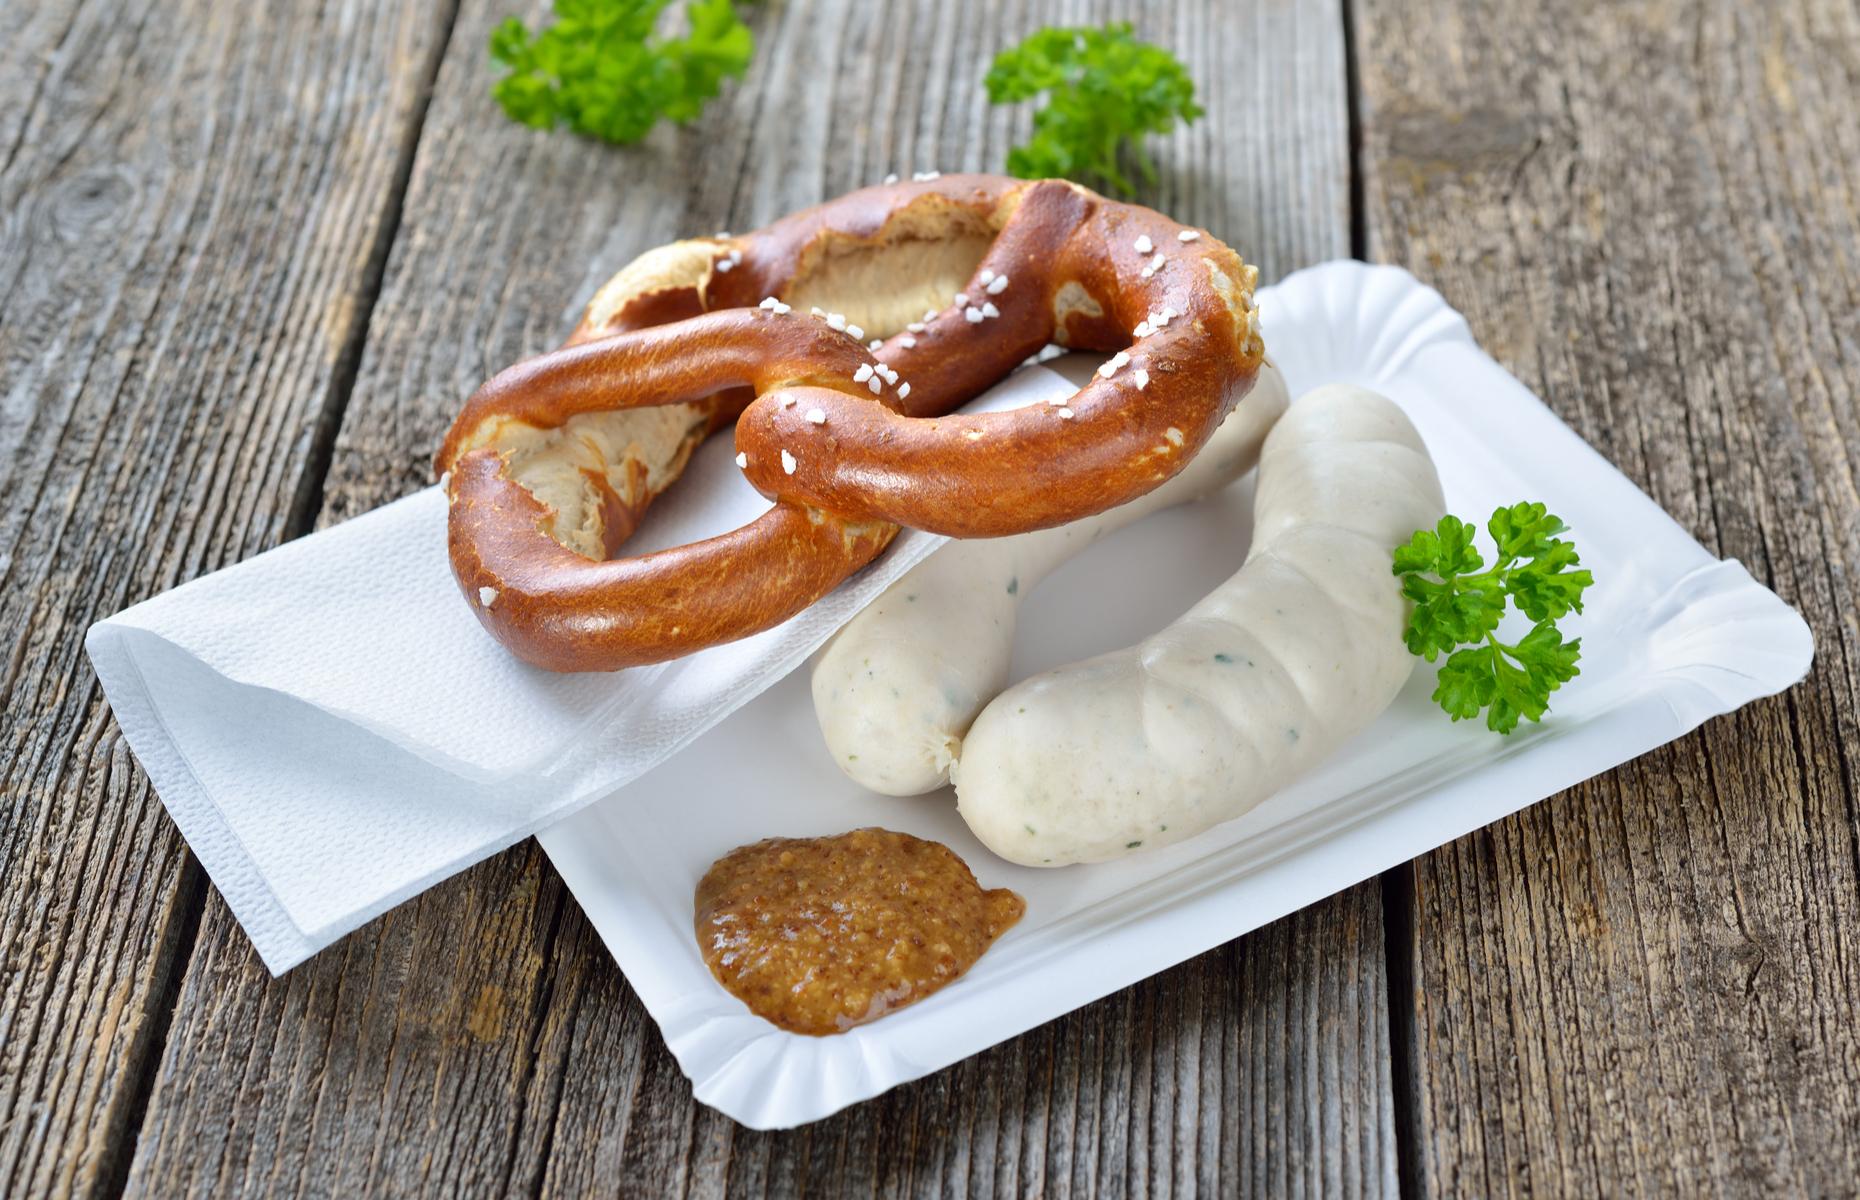 Weisswurst and pretzel